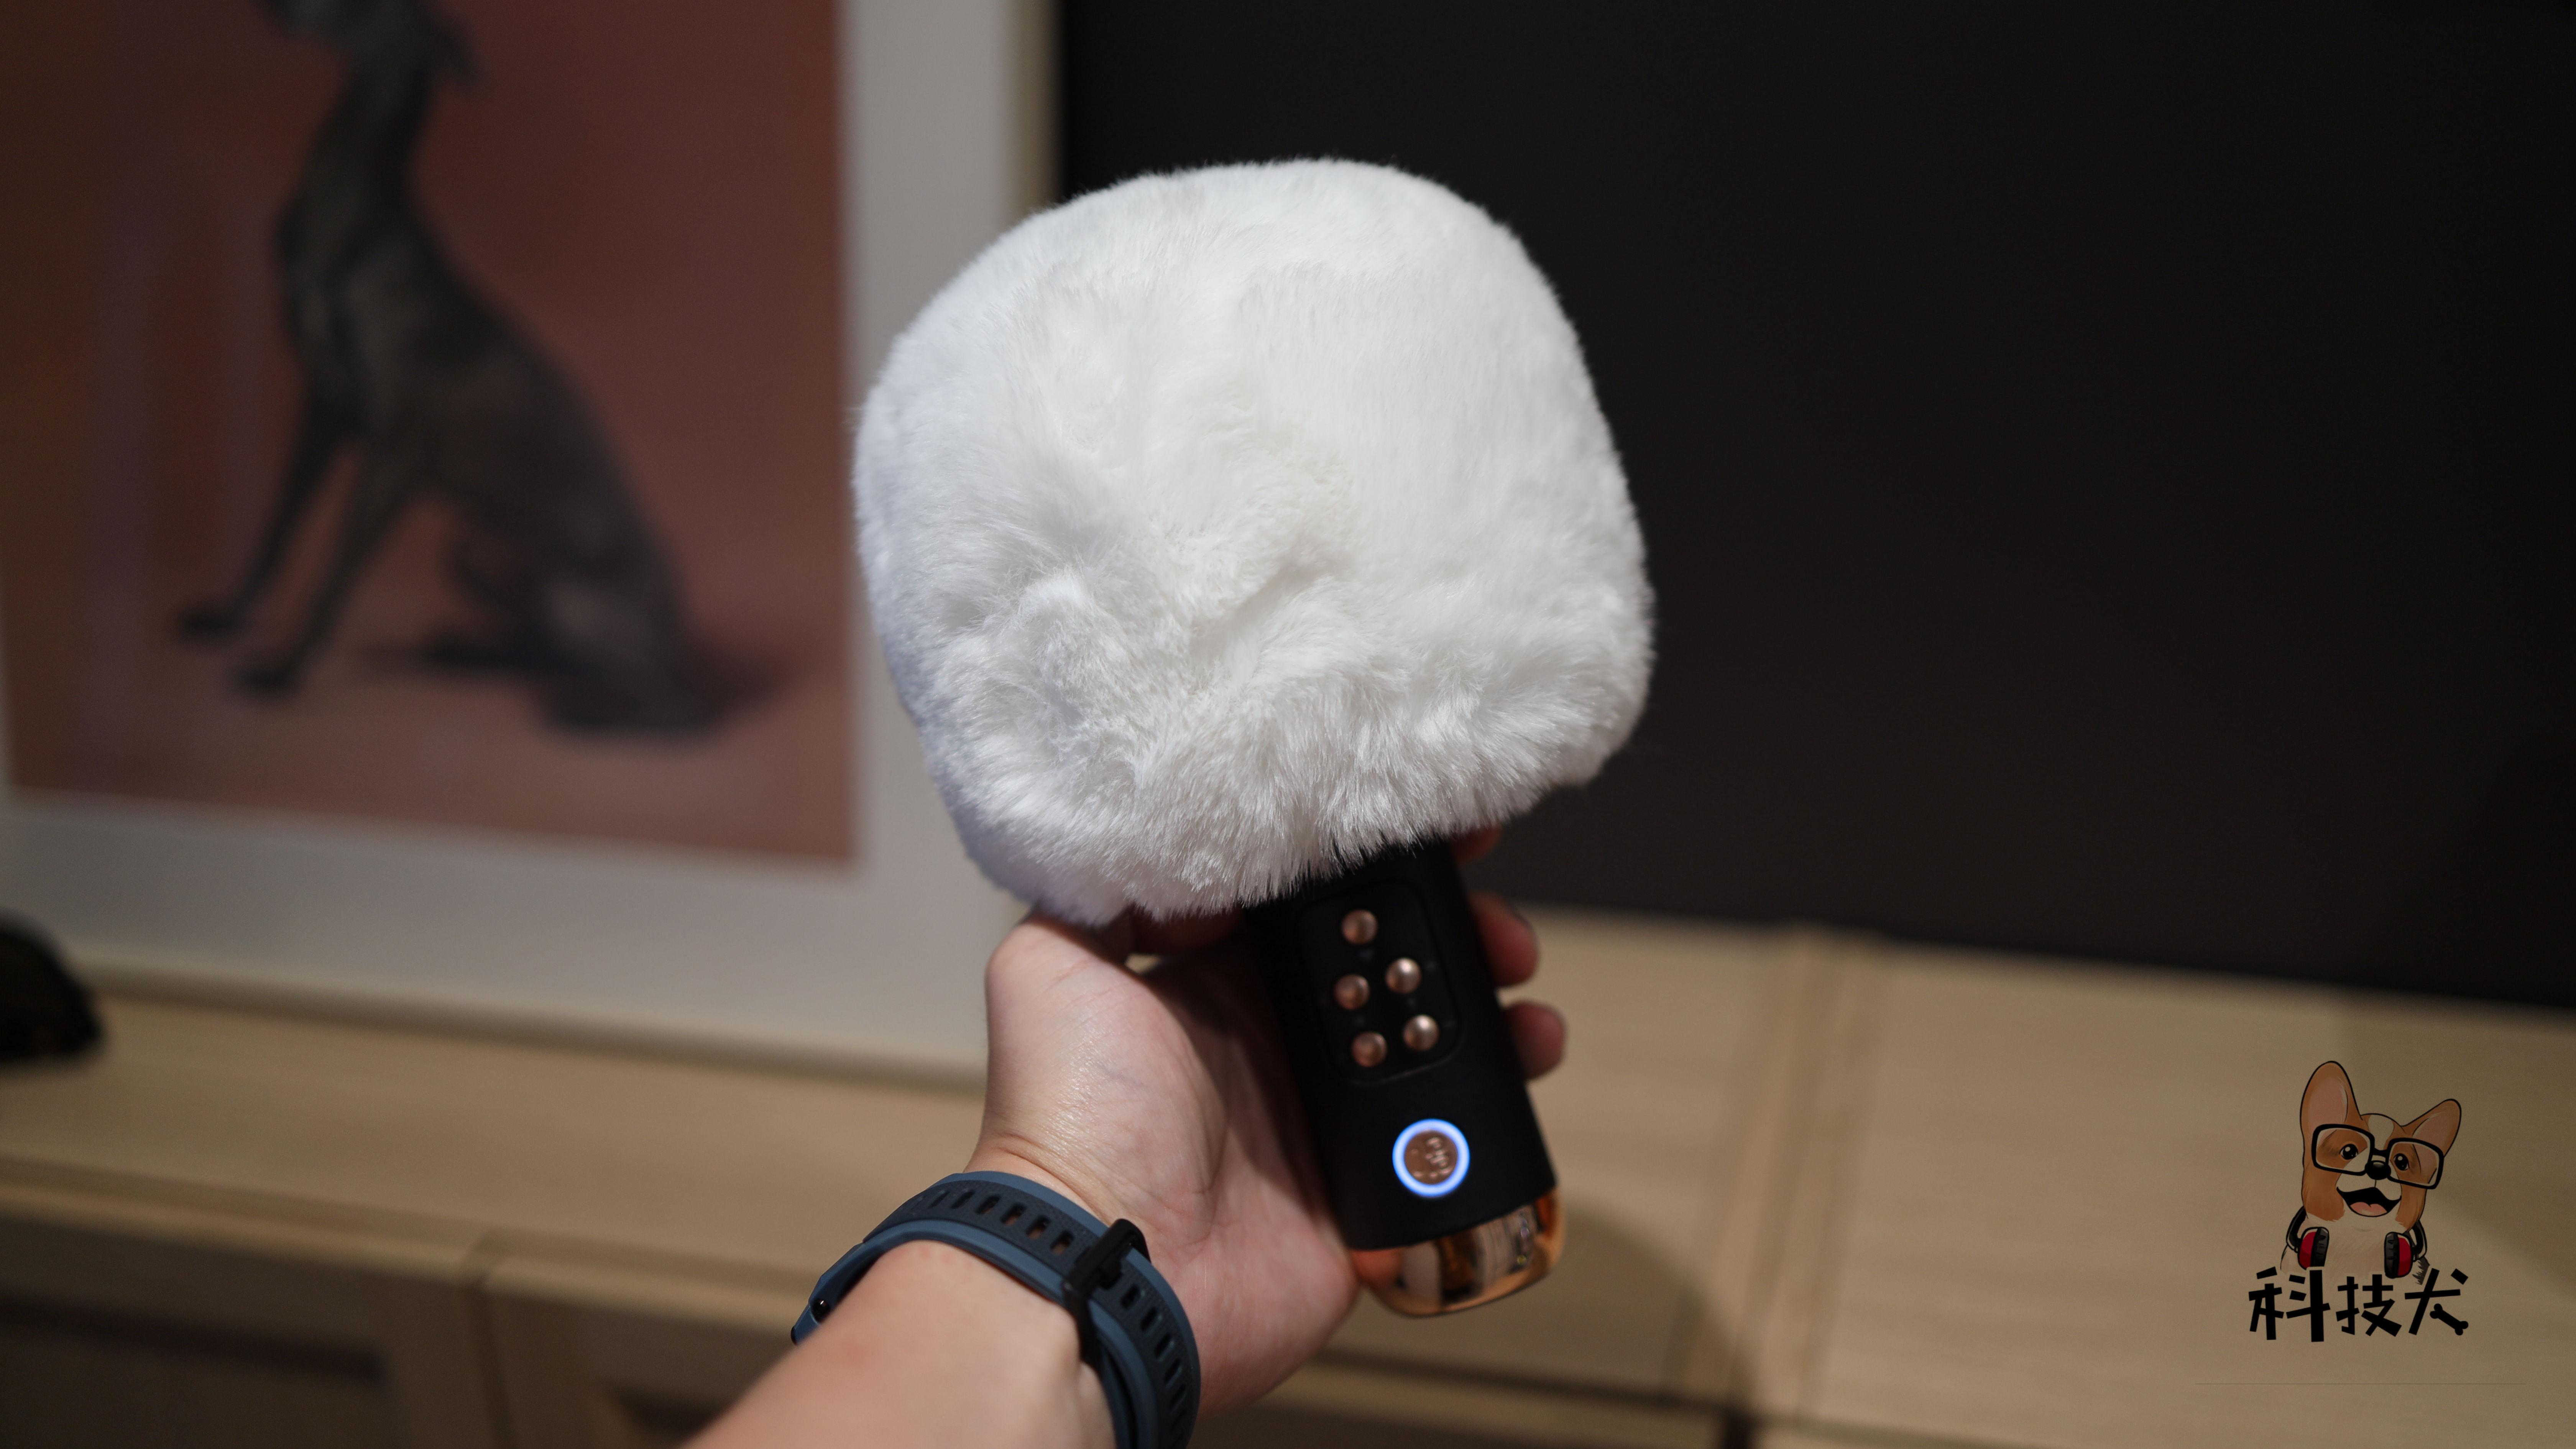 雷神65W双口氮化镓充电器发布;唱吧小巨蛋麦克风G3开箱